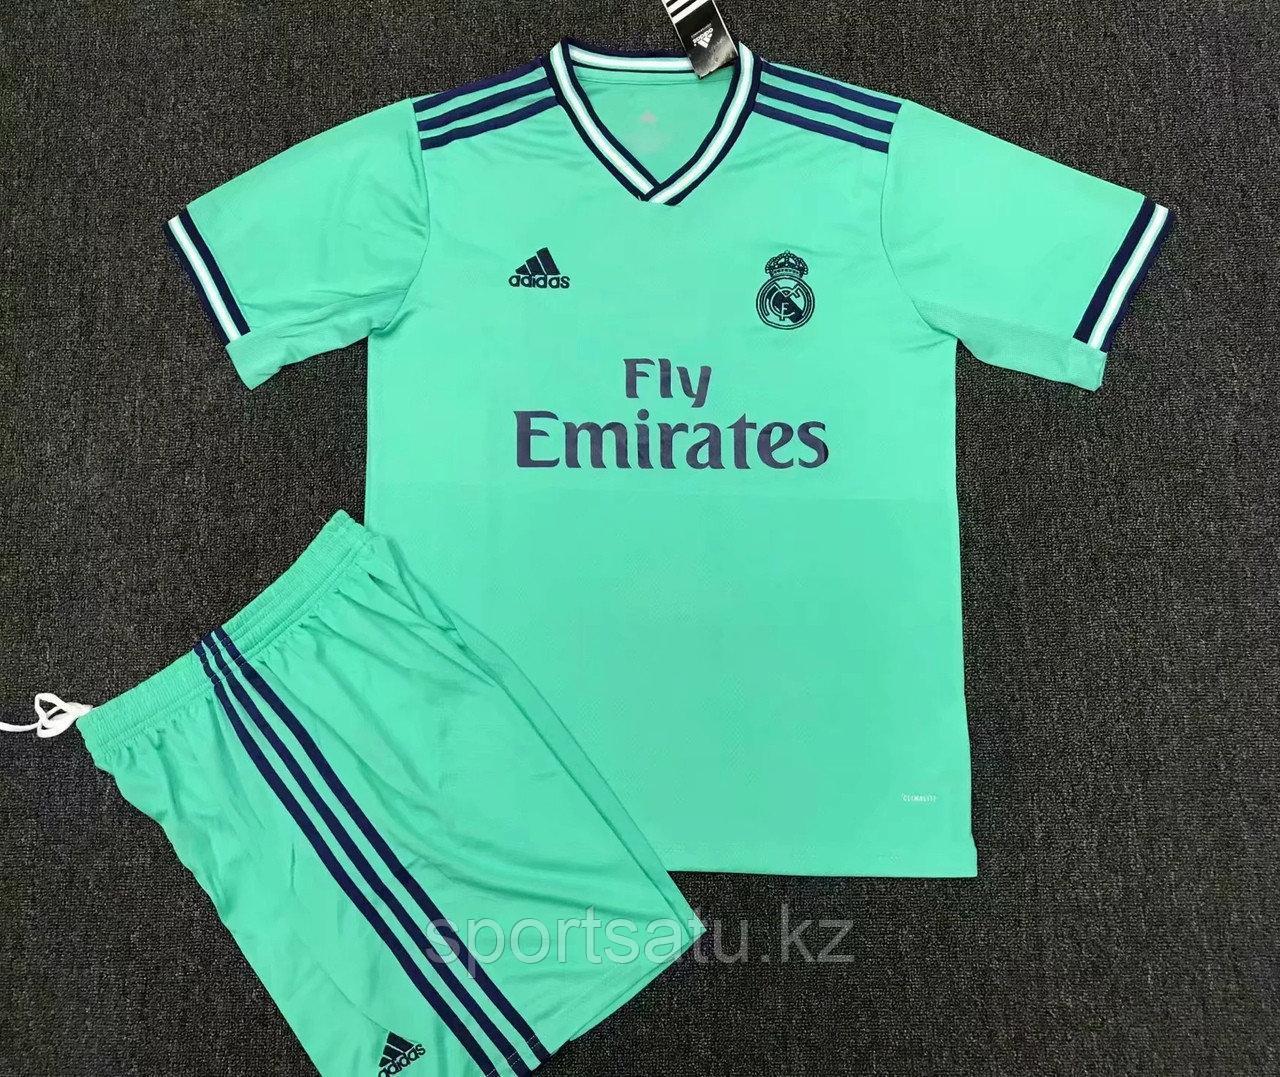 Реал Мадрид форма детская 2019/20 гостевая (майка+шорты)